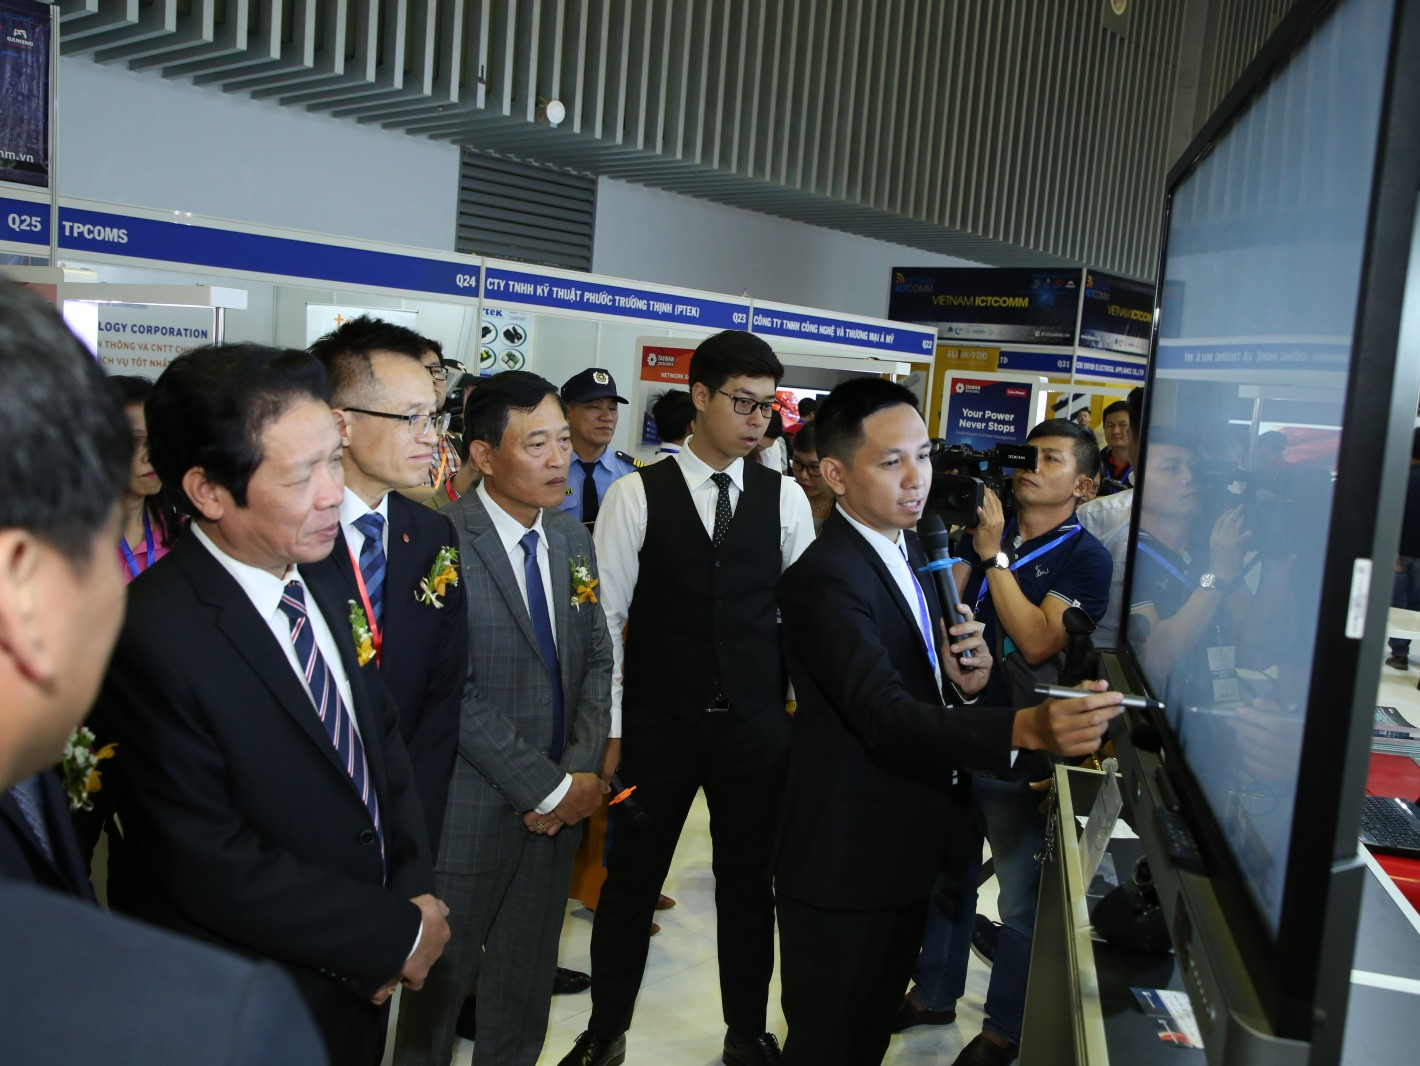 越南訊息通訊部部長Truong Minh Tuan與越南工業貿易部部長Do Thang Hai蒞臨台灣精品館,與吳俊澤處長共同體驗明基電通亮點產品。